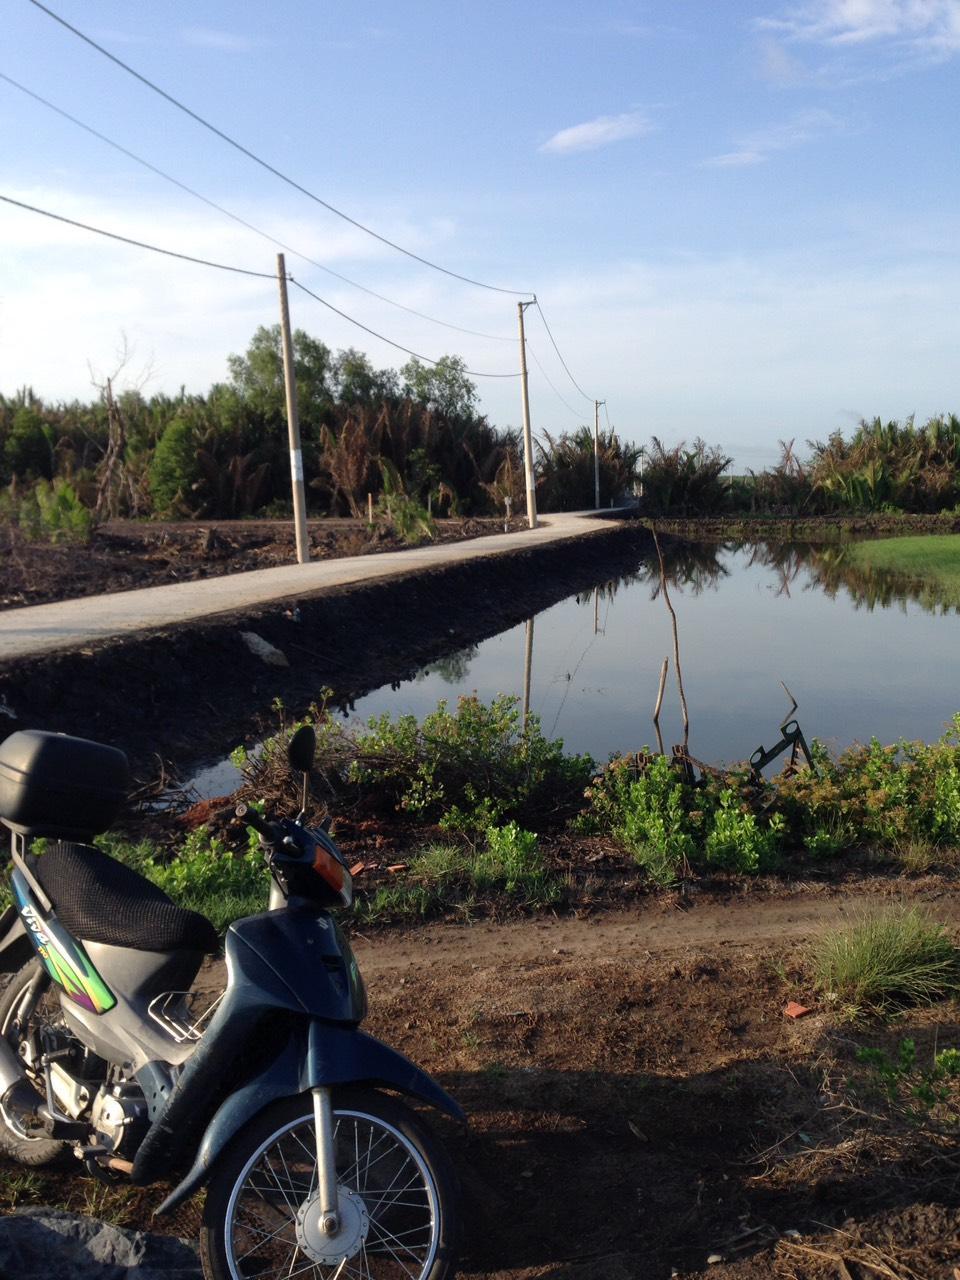 Bán đất Xã An Thới Đông huyện Cần Giờ, DT 1000m2, giá 880 triệu/m2